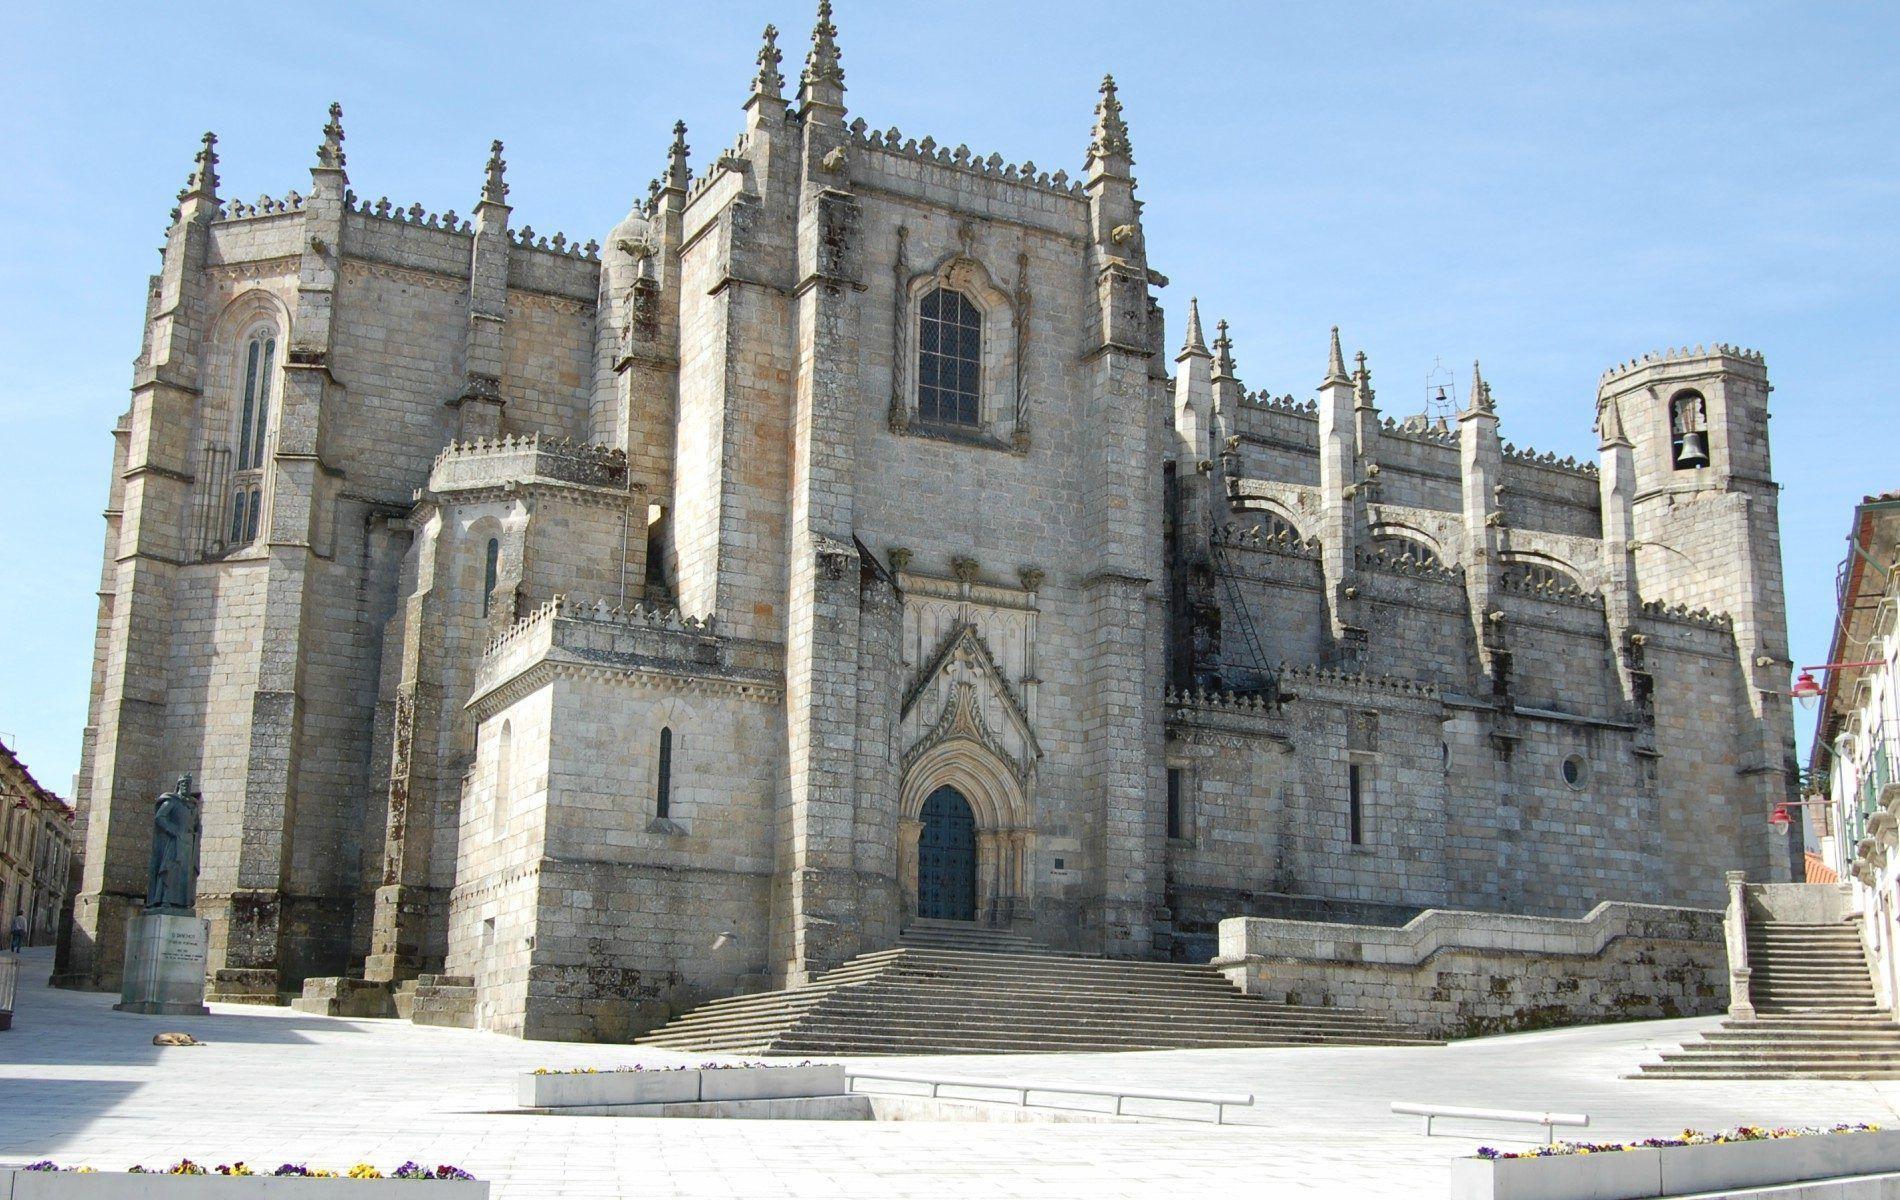 Se catedral da guarda